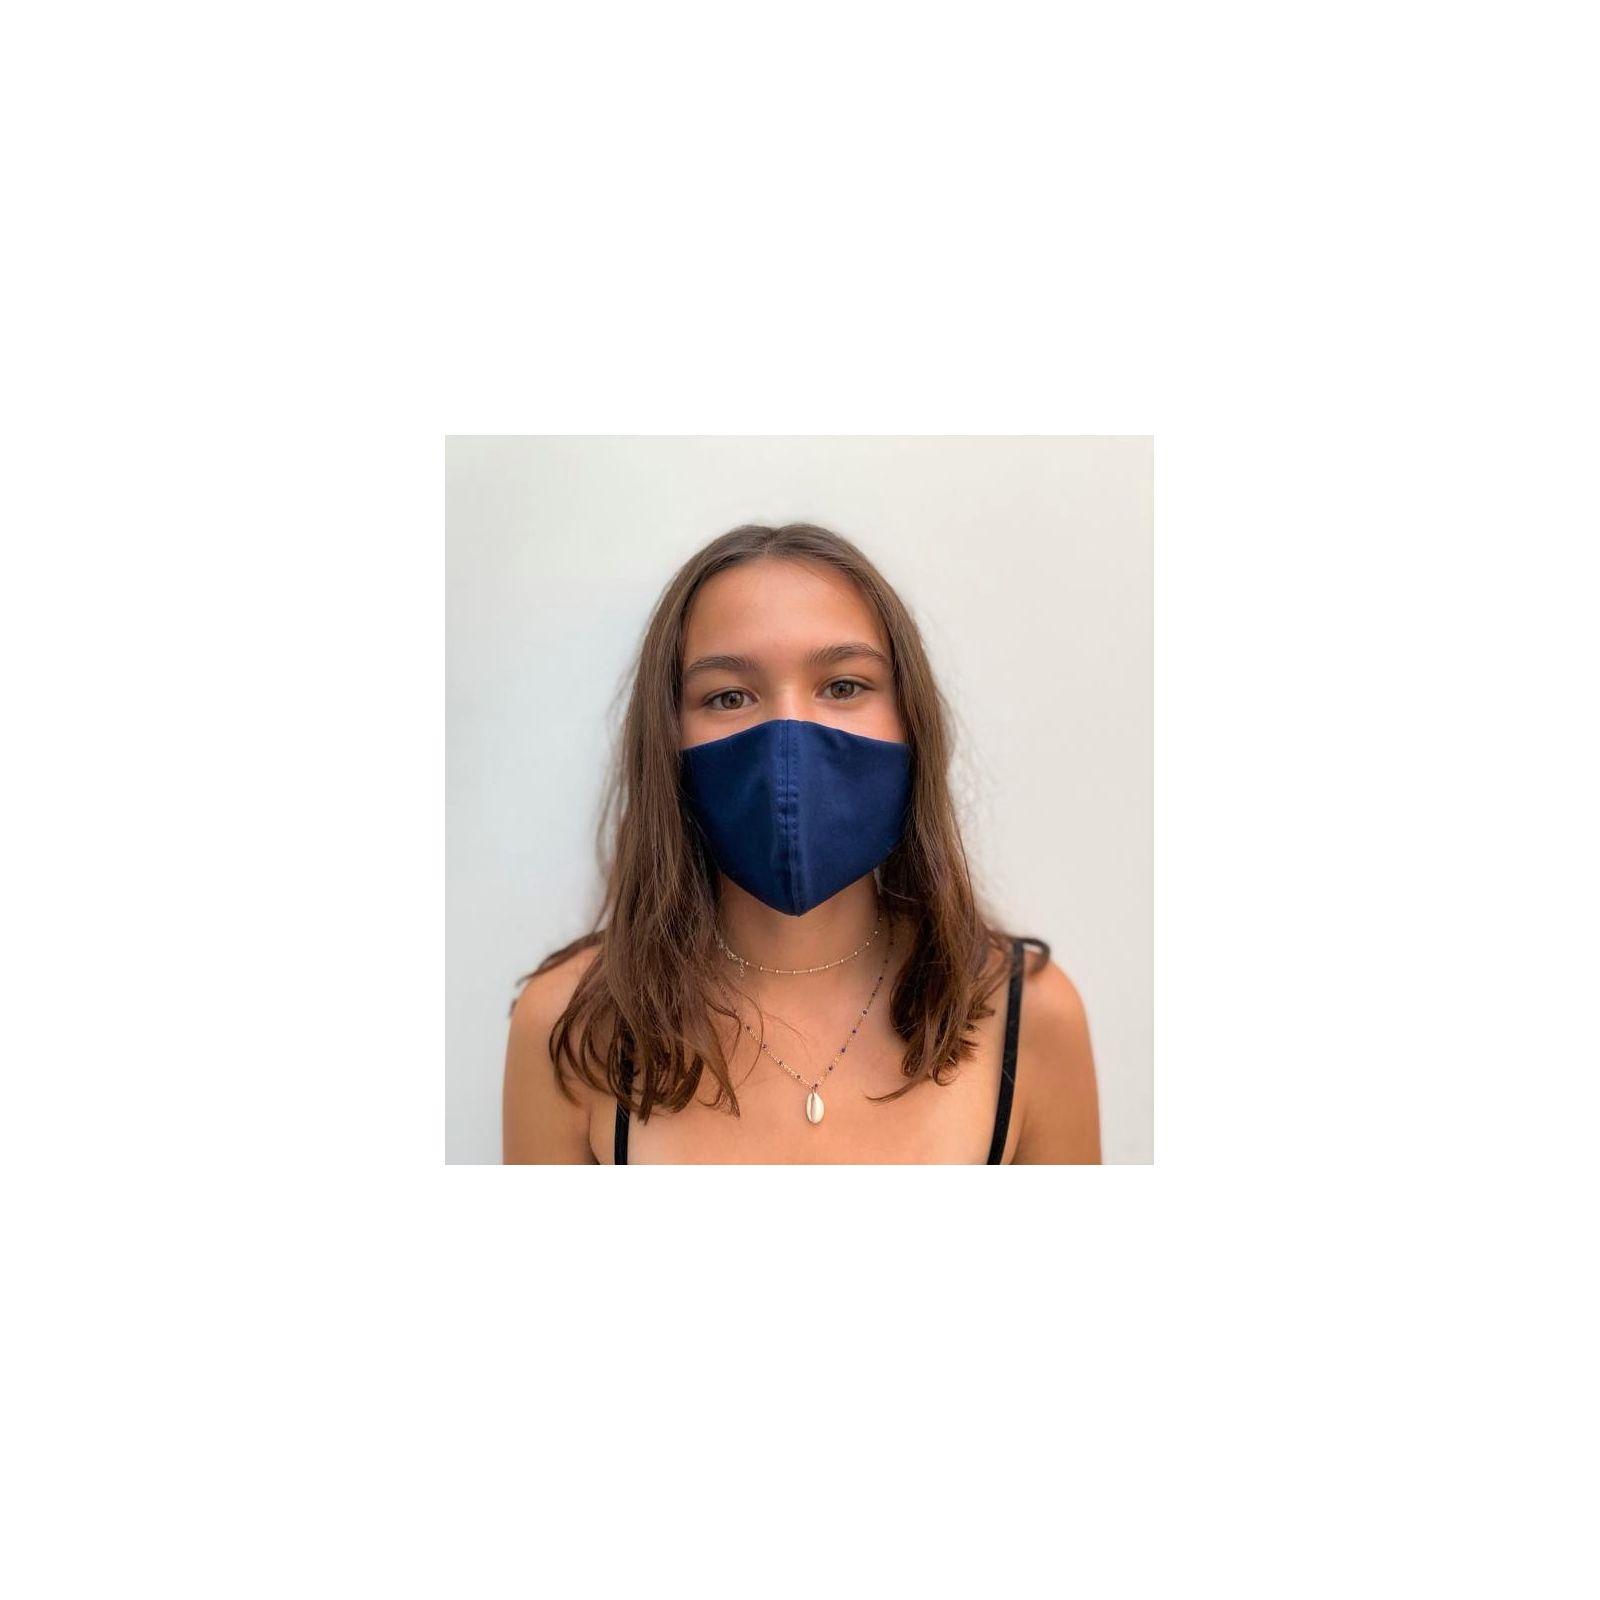 Lot 3 - Masque enfant de protection Antimicrobien (CR500Y)